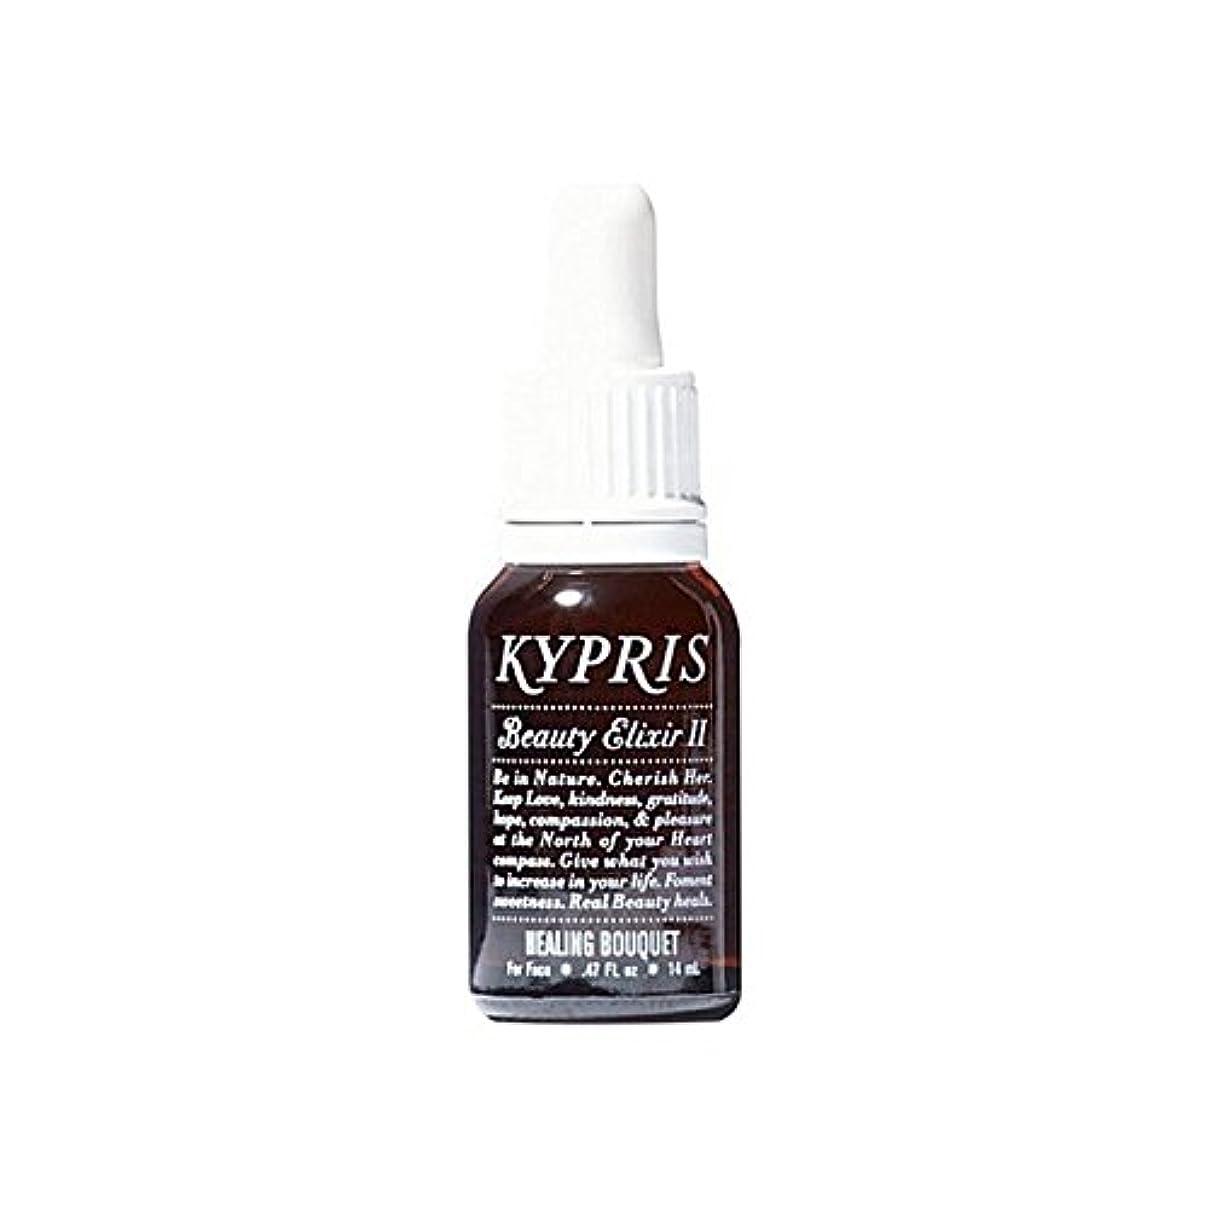 資格司法瞬時に美容エリクサー - 癒しの花束 x4 - Kypris Beauty Elixir Ii - Healing Bouquet (Pack of 4) [並行輸入品]